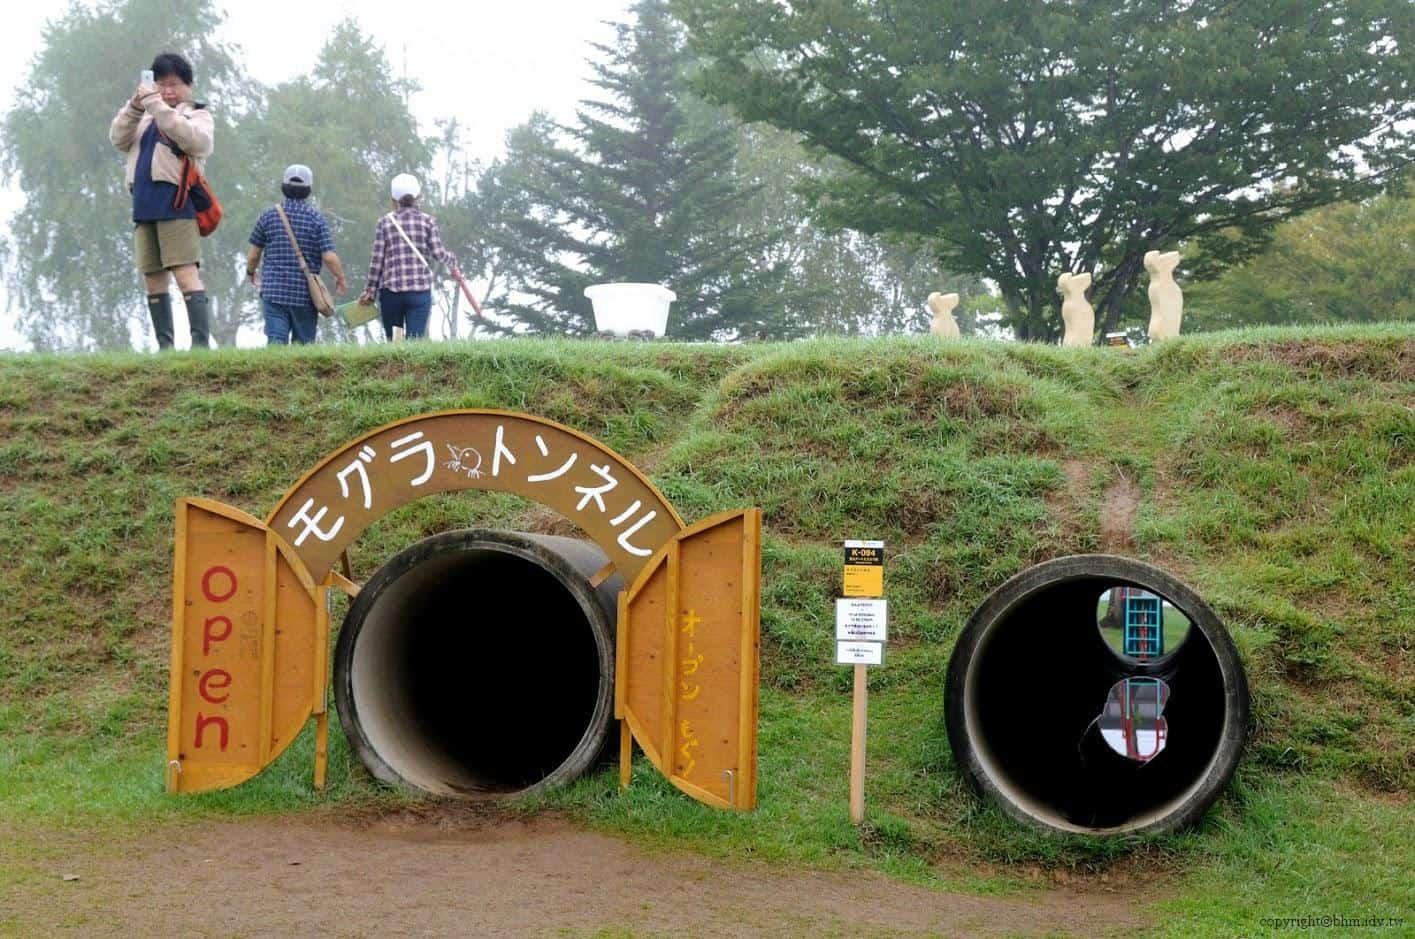 地鼠出沒請小心@里山藝術動物園 里山藝術動物園 里山藝術動物園 satoyama art zoo 09